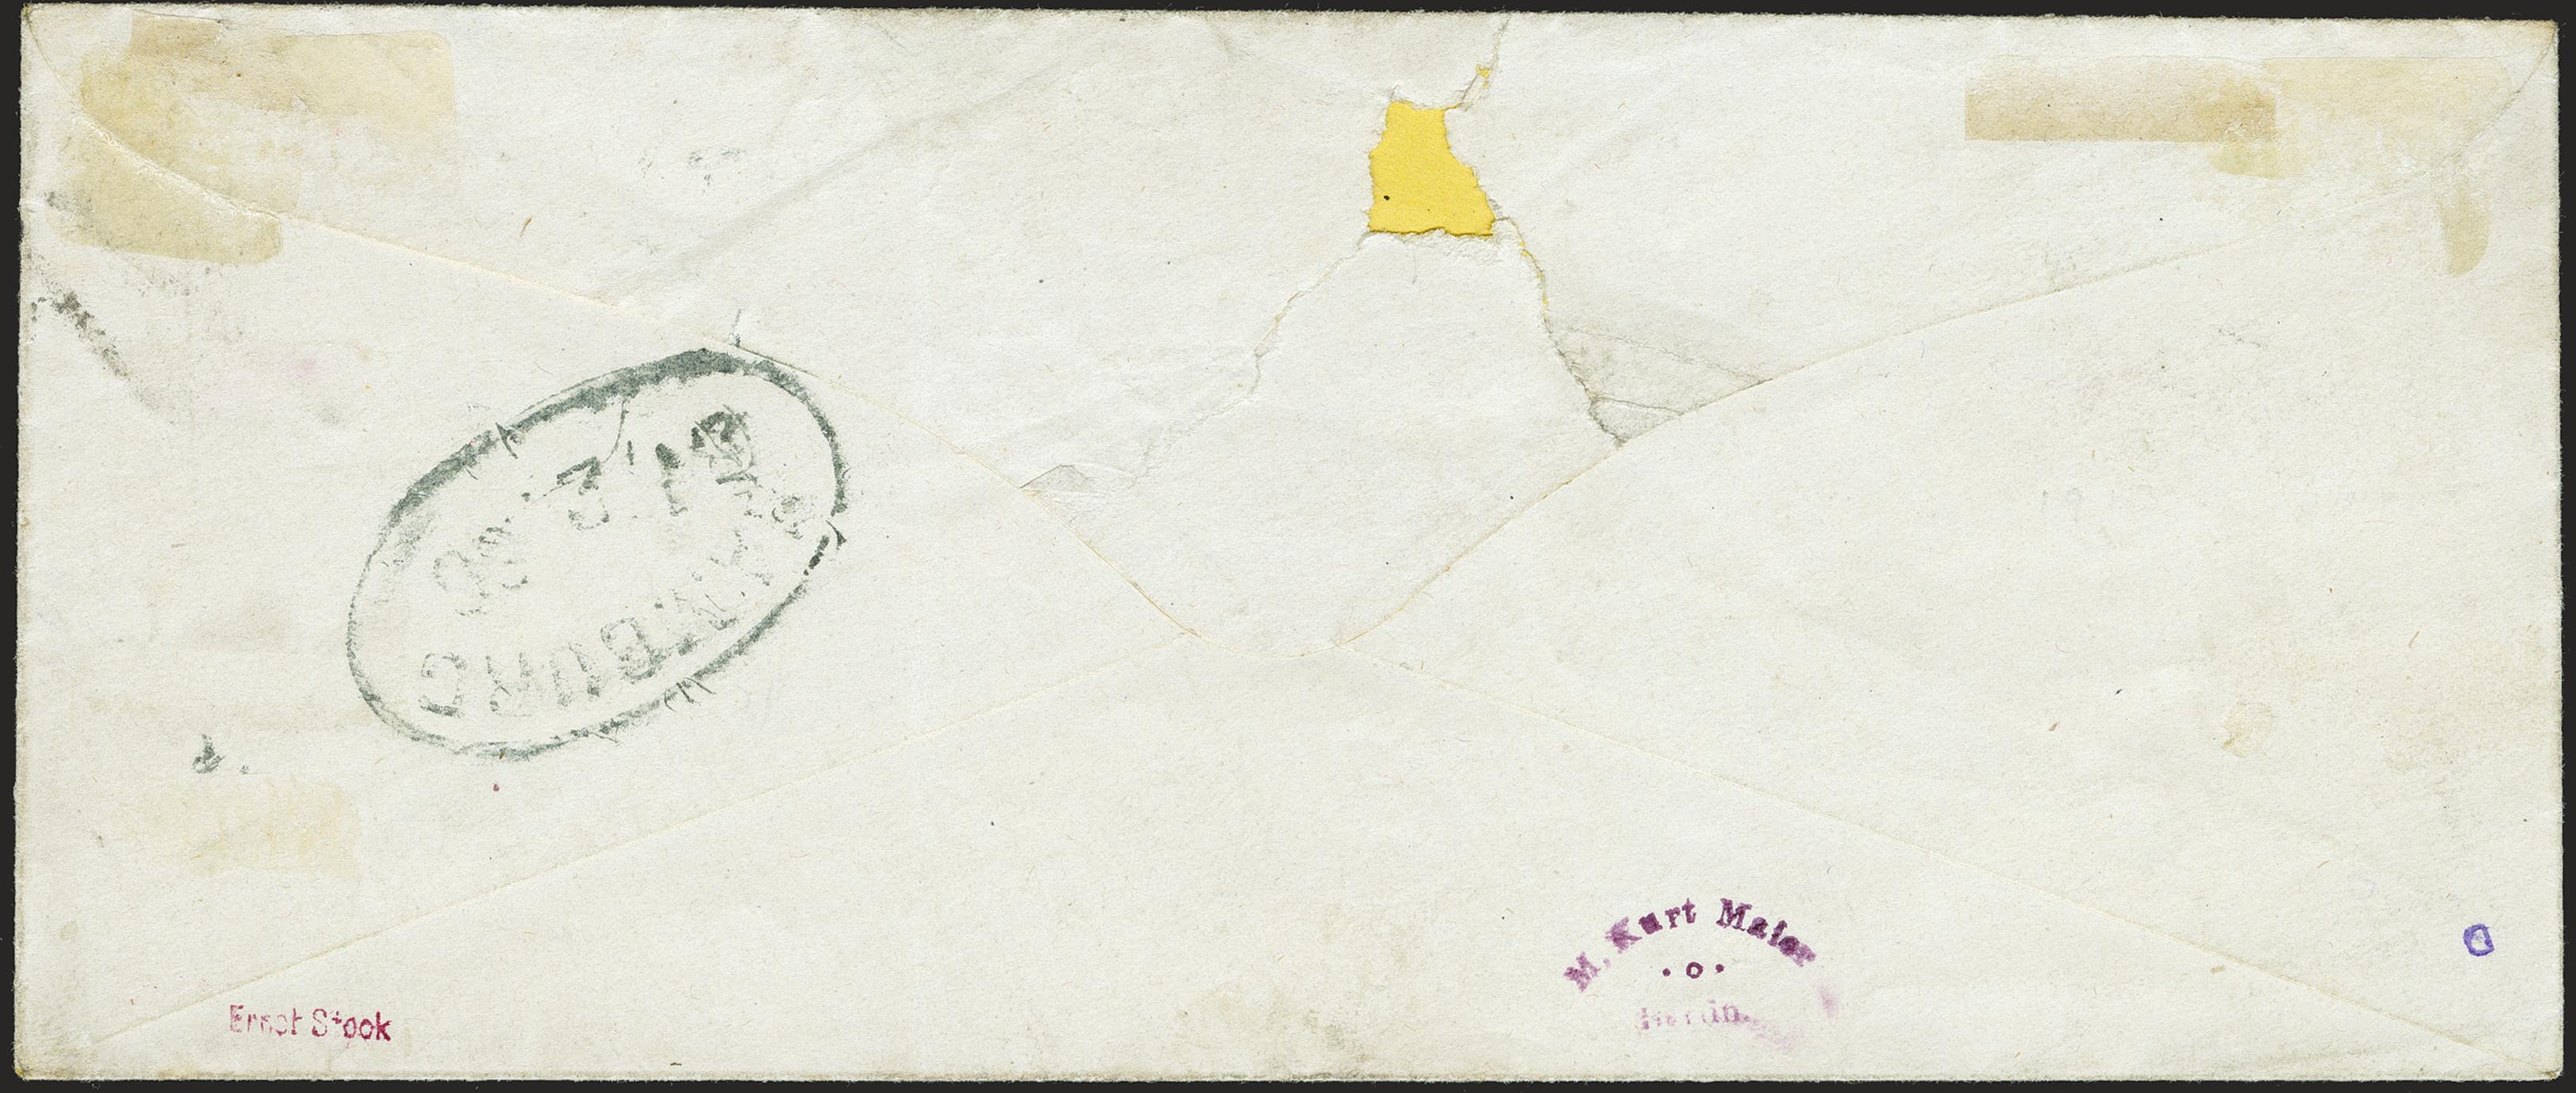 Lot 49 - Altdeutsche Staaten bergedorf -  Heinrich Koehler Auktionen 372nd Auction - The ERIVAN Collection